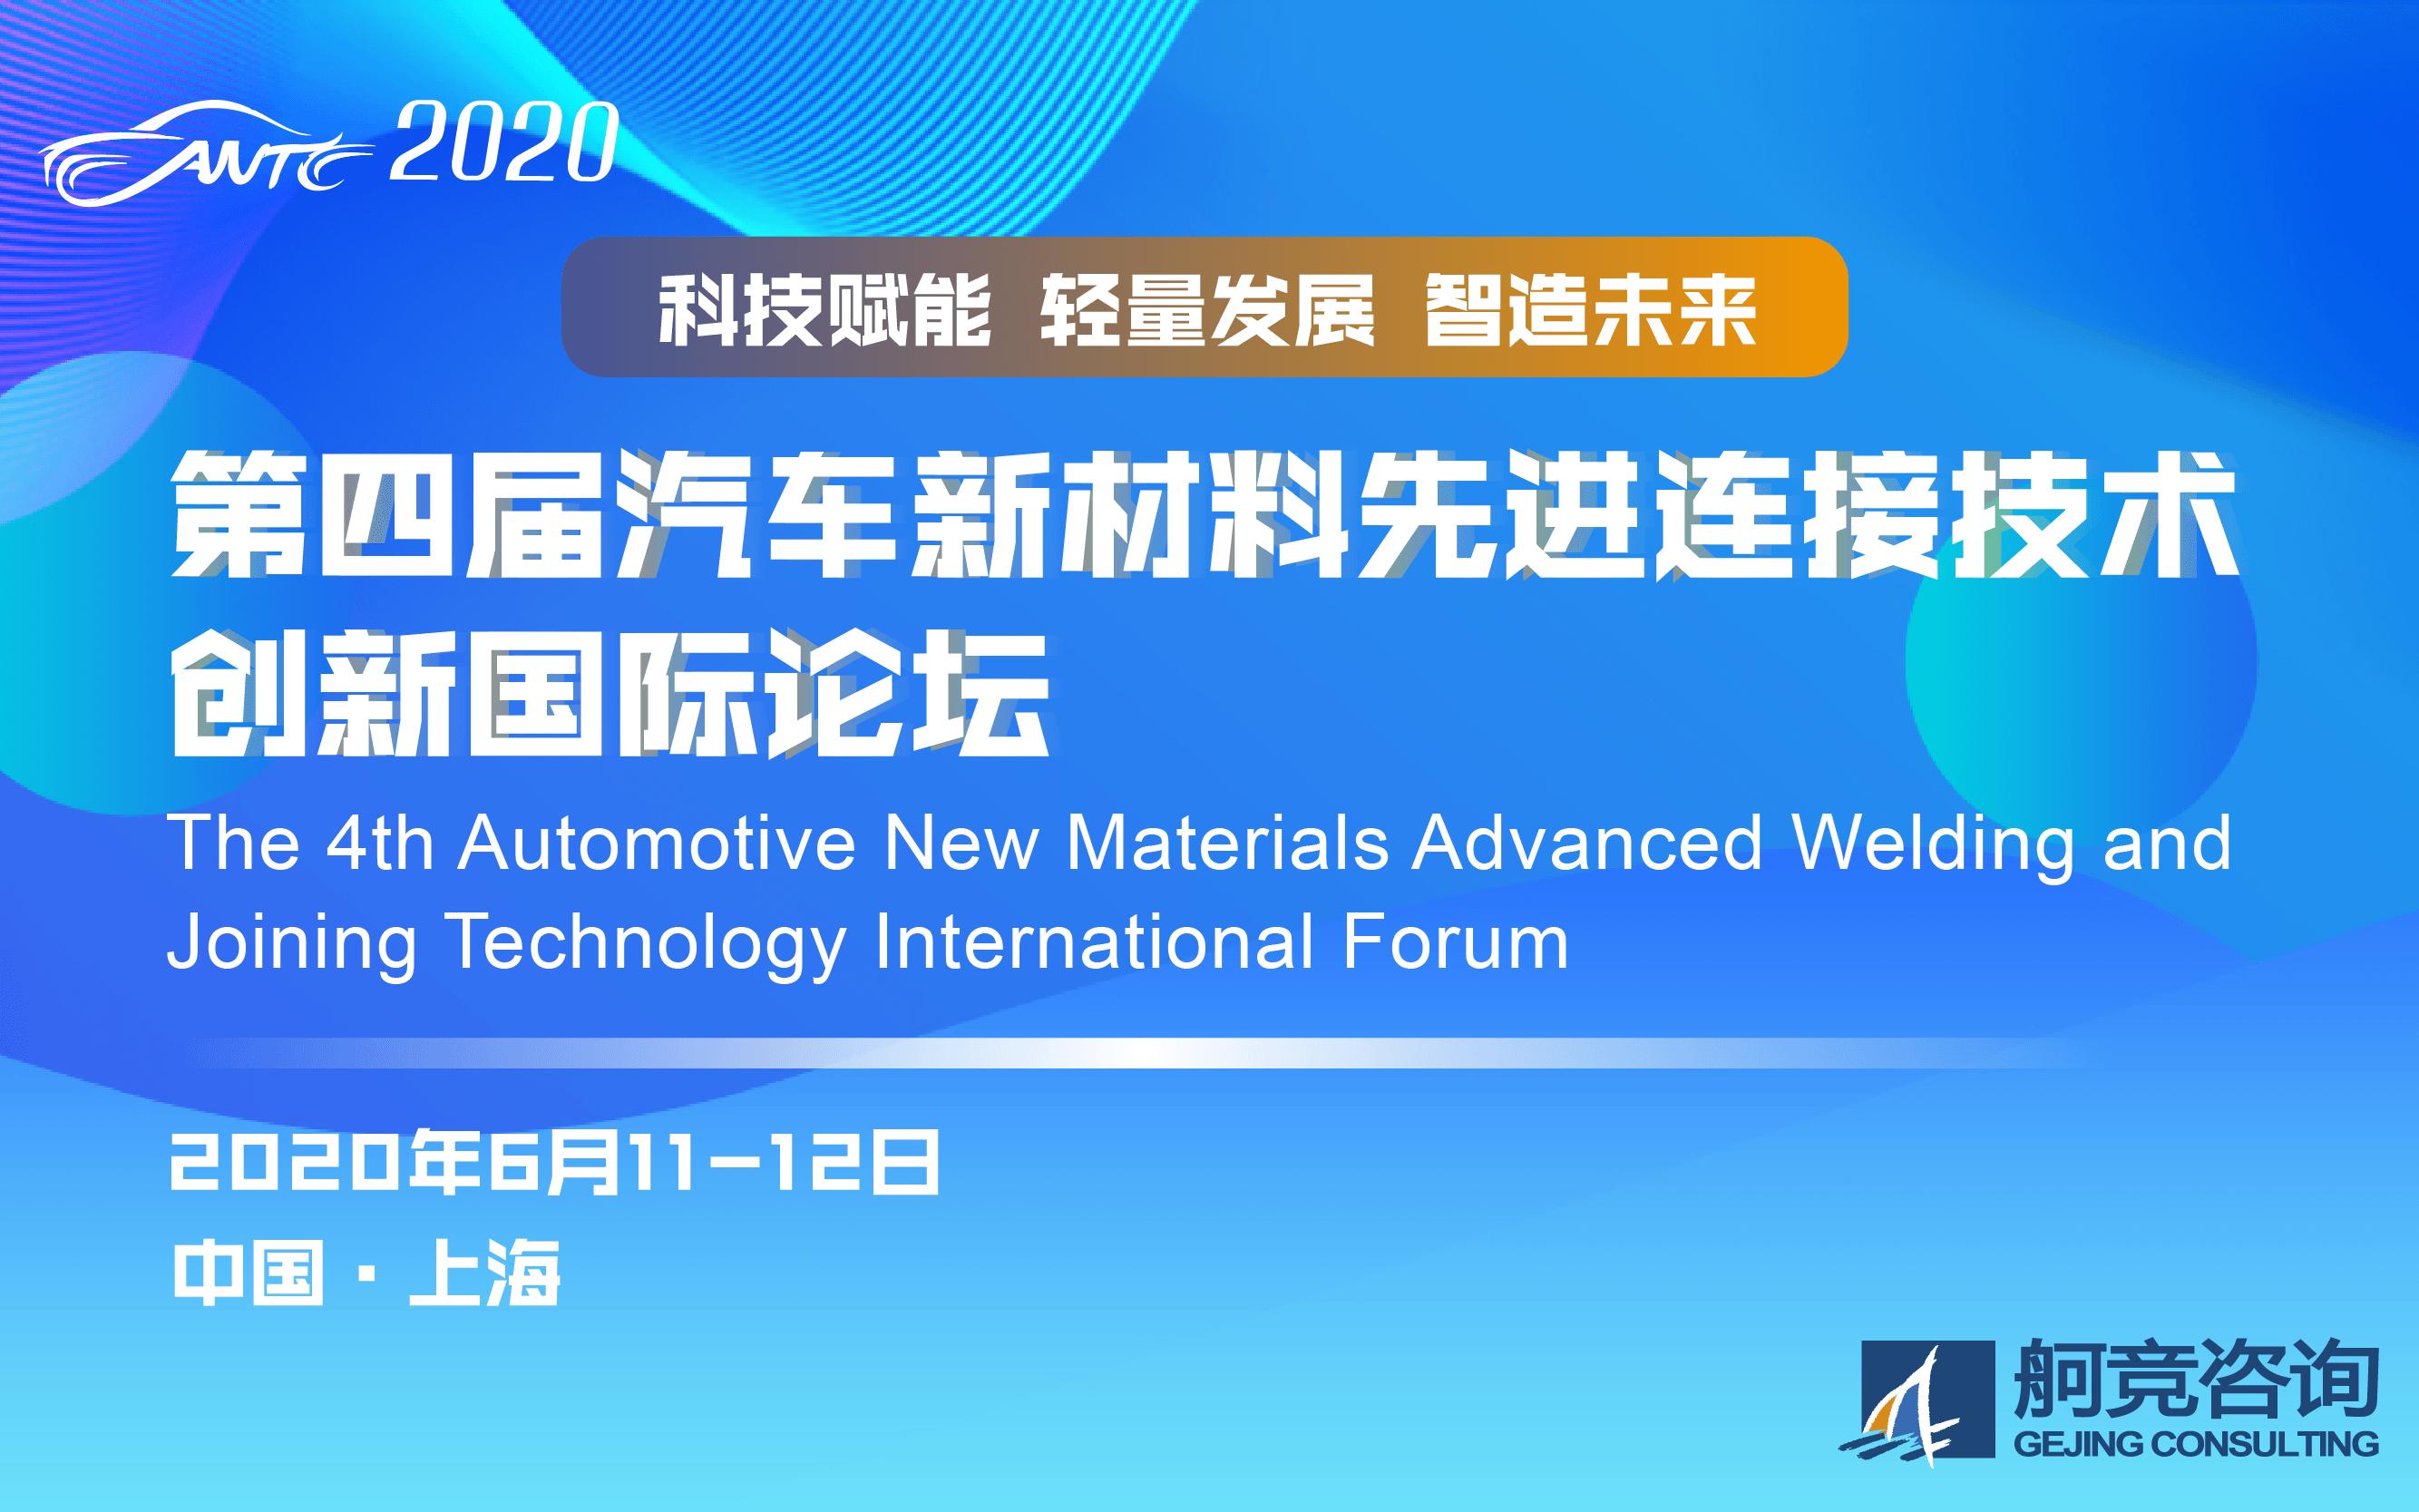 2020第四届汽车新材料先进连接技术创新国际论坛(上海)